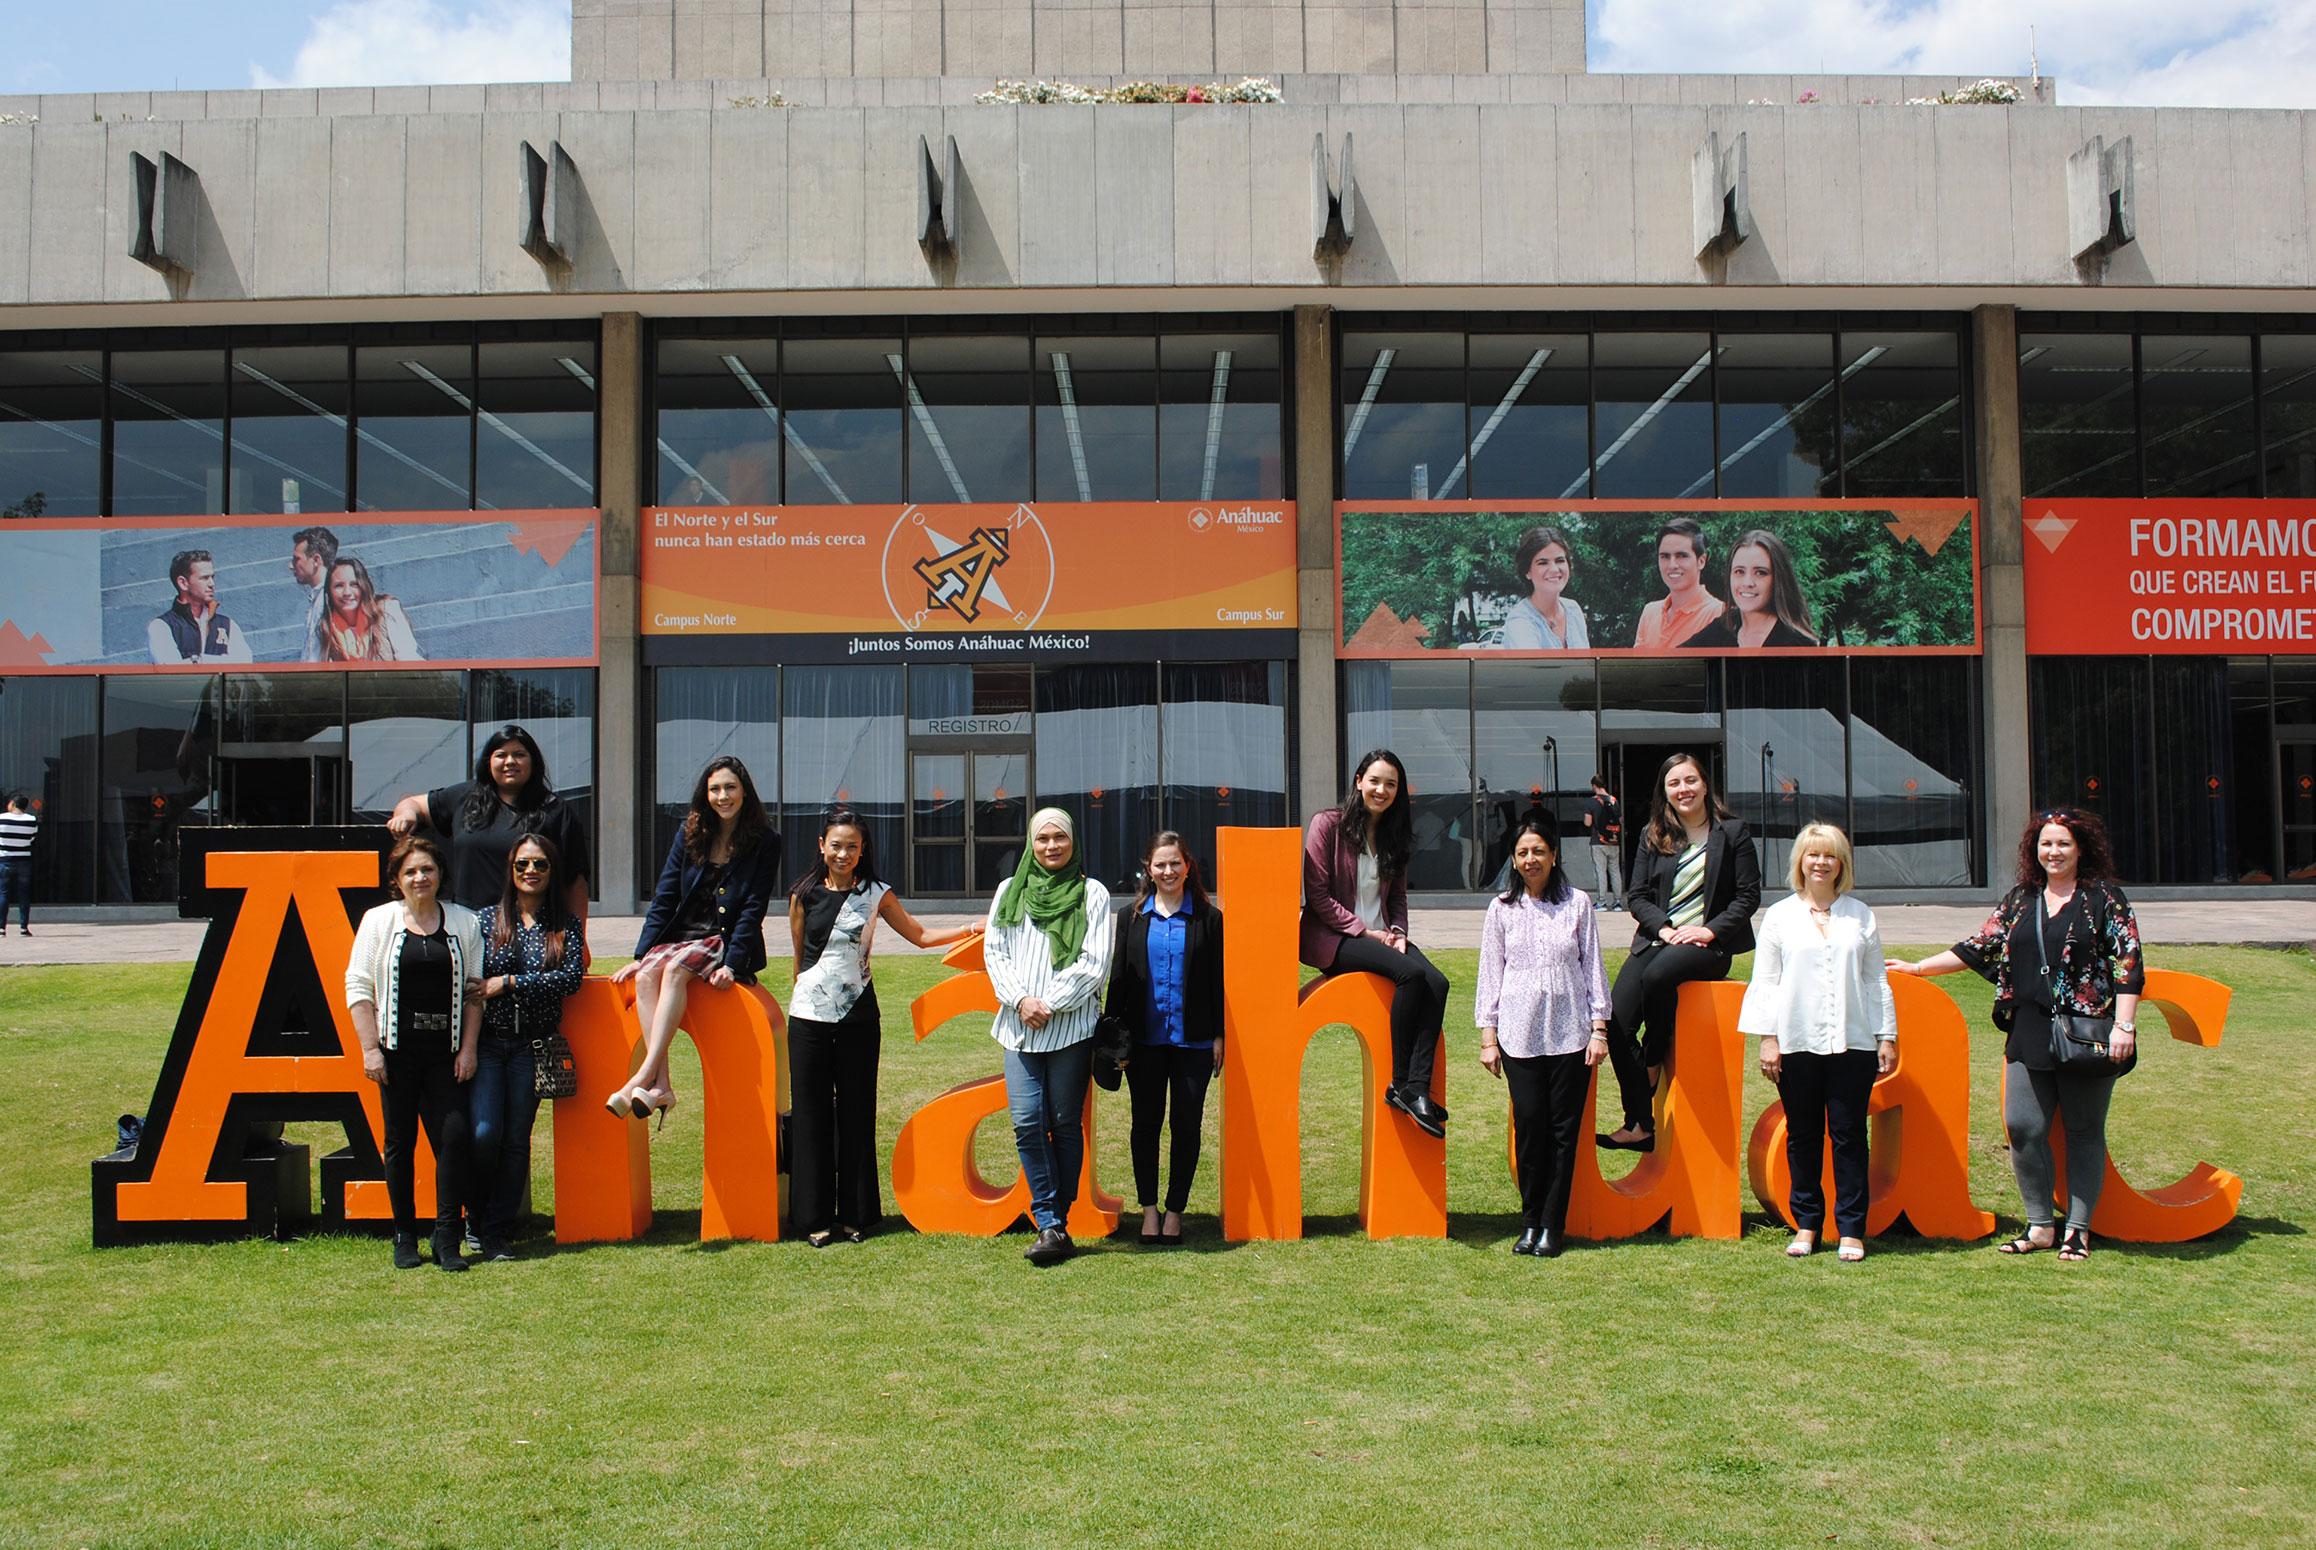 Alumnas organizadoras de la Feria de las Culturas con representantes de la ACD